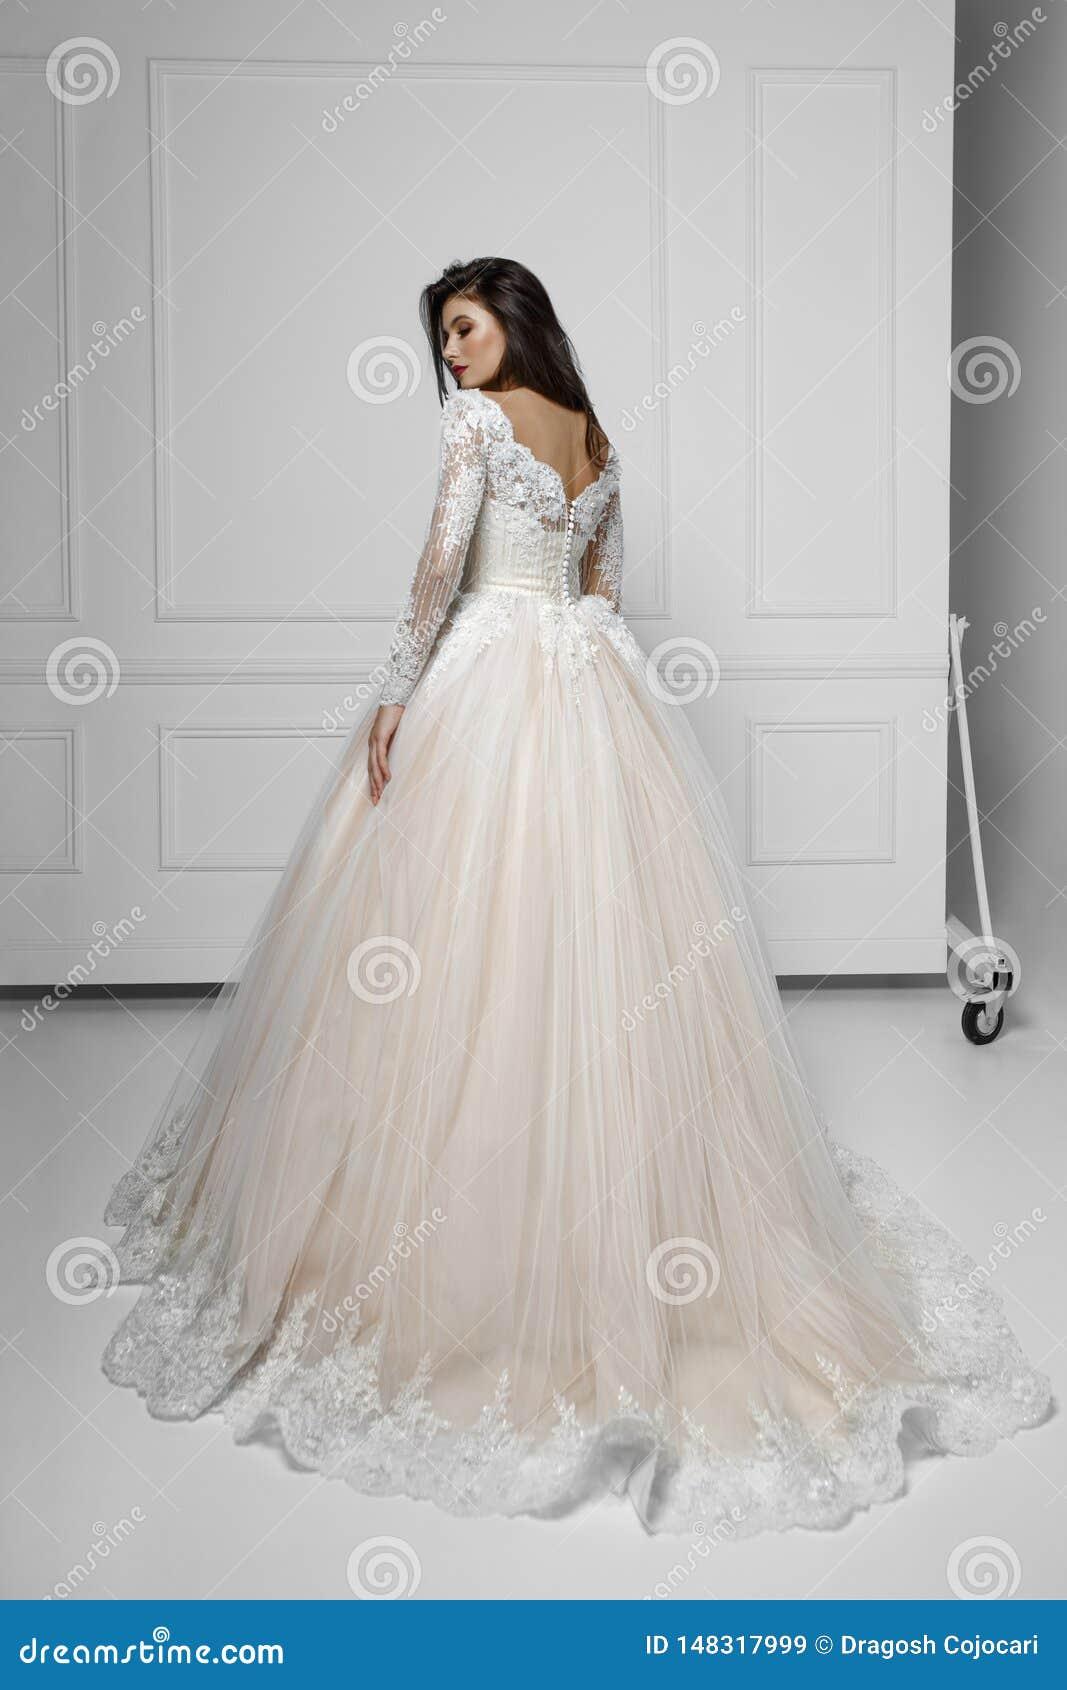 Tillbaka sikt av en modebrunettmodell i härlig lång bröllopsklänning, nära den vita väggen, skott i studion, kopieringsutrymme